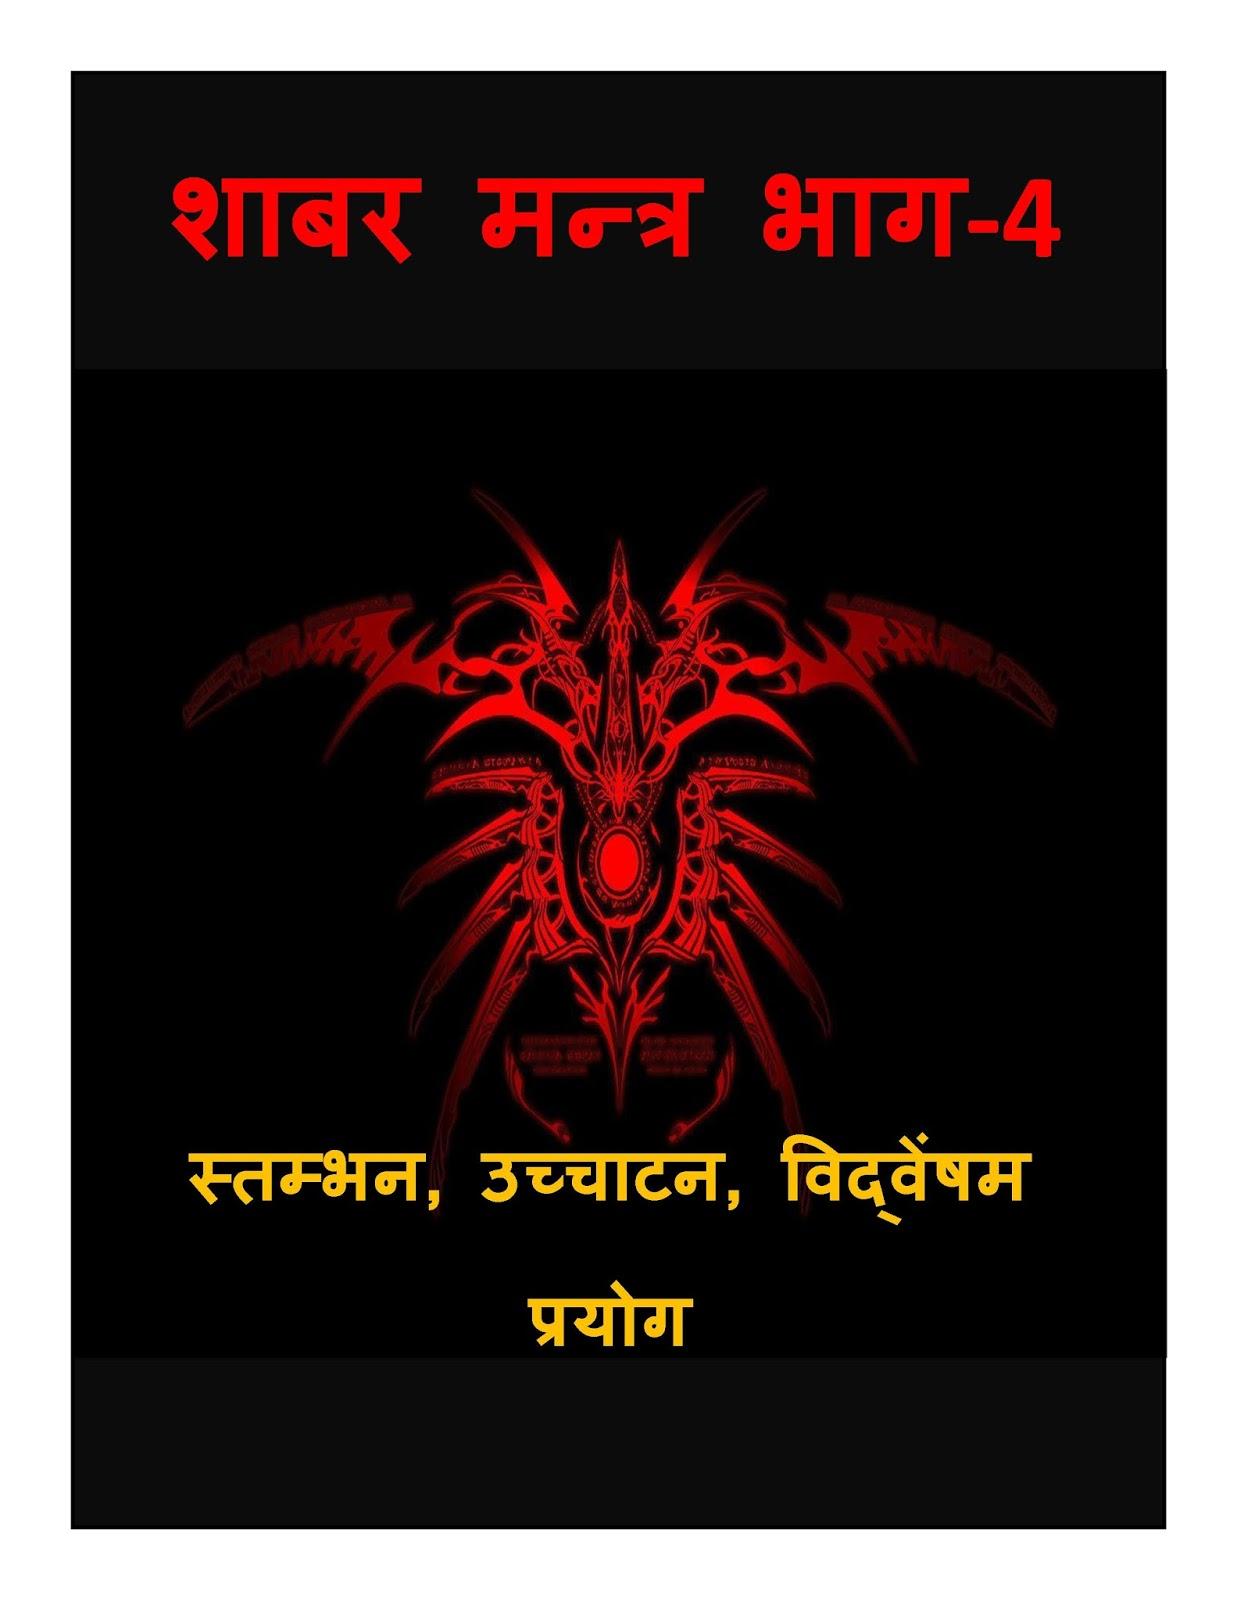 Shabar vashikaran ebook download mantra shaktishali